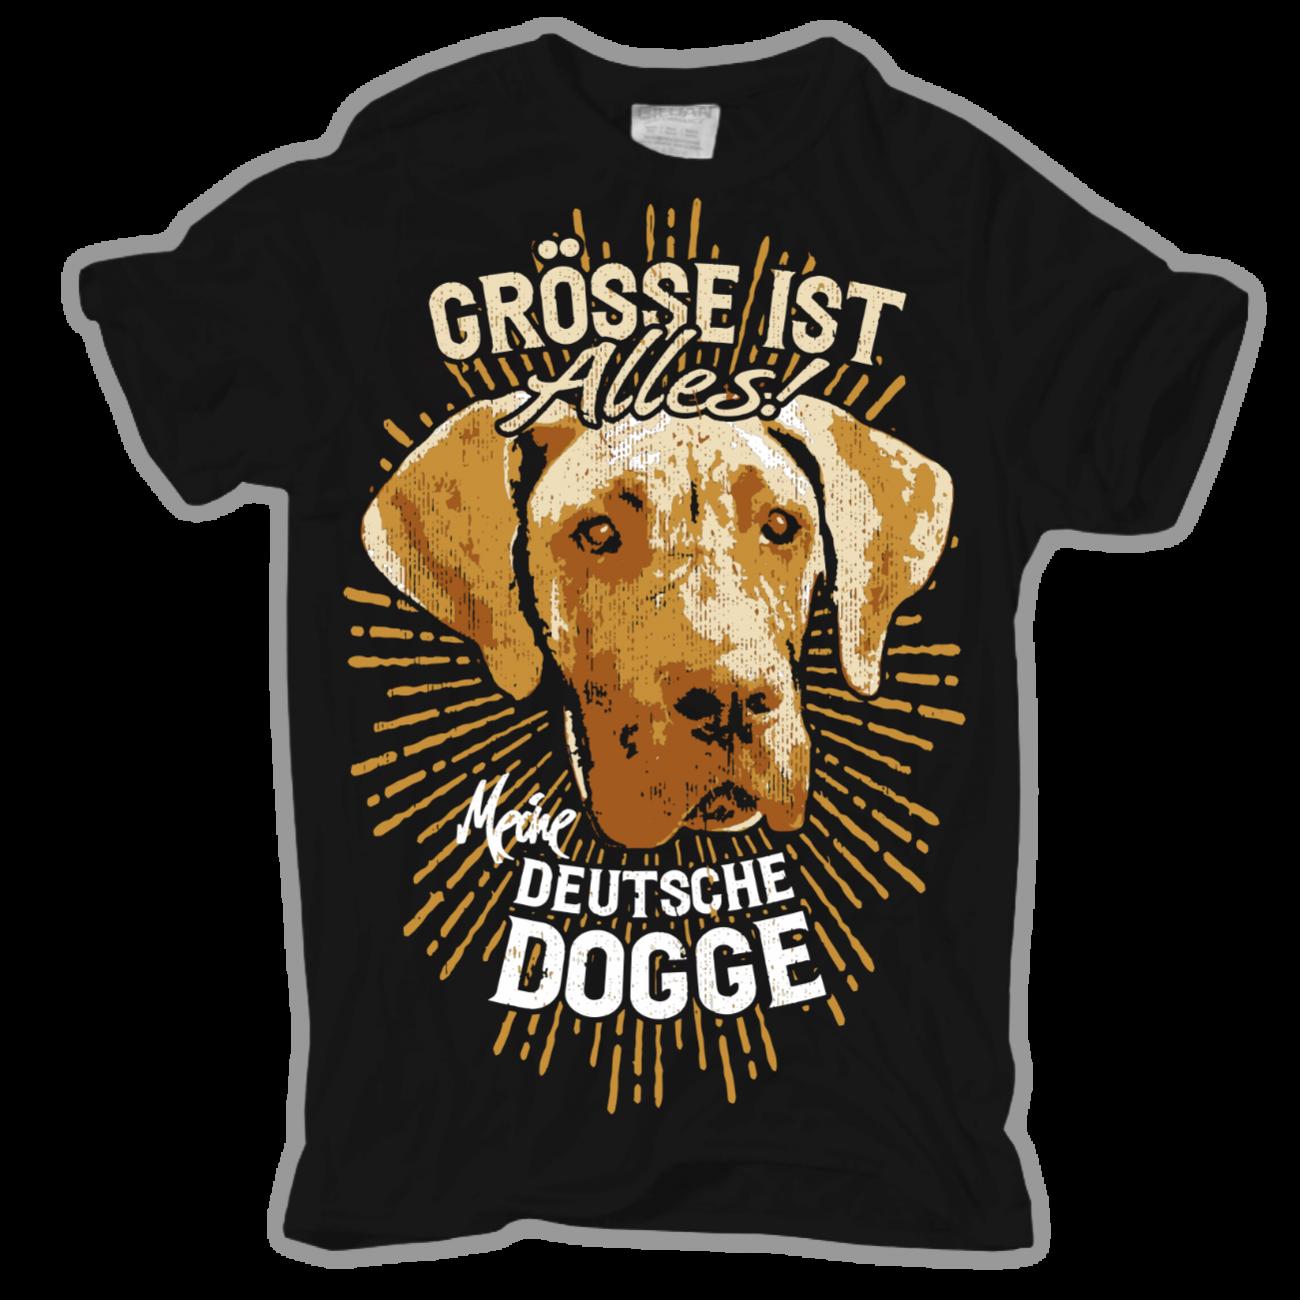 Shirt-Deutsche-Dogge-groesse-ist-alles-hund-hunde-dog-dogs-haustier ...